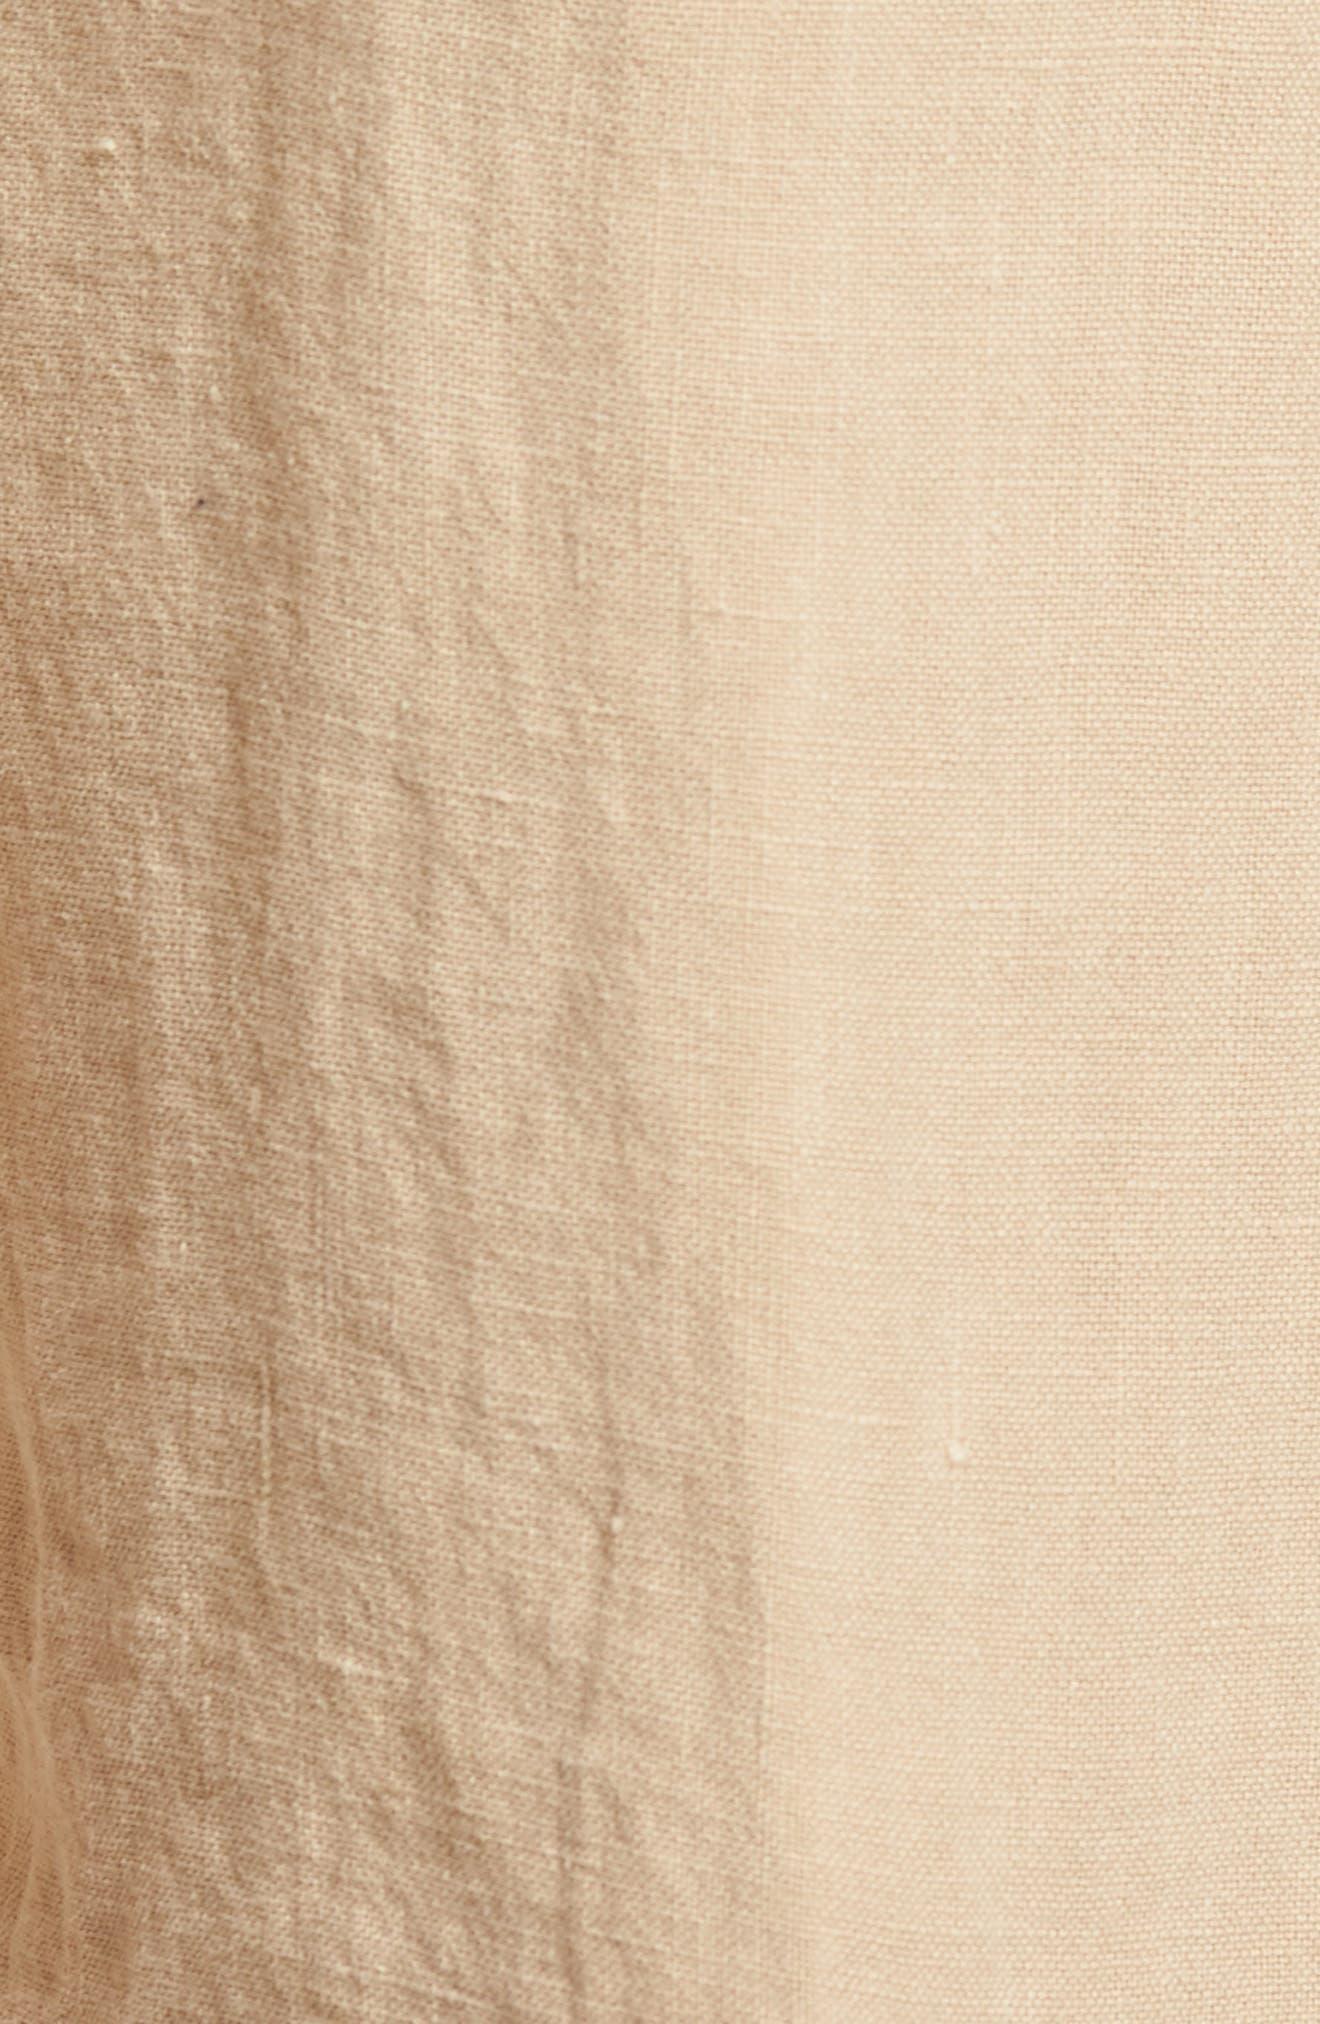 & Bros. Linen Shorts,                             Alternate thumbnail 5, color,                             Desert Dust